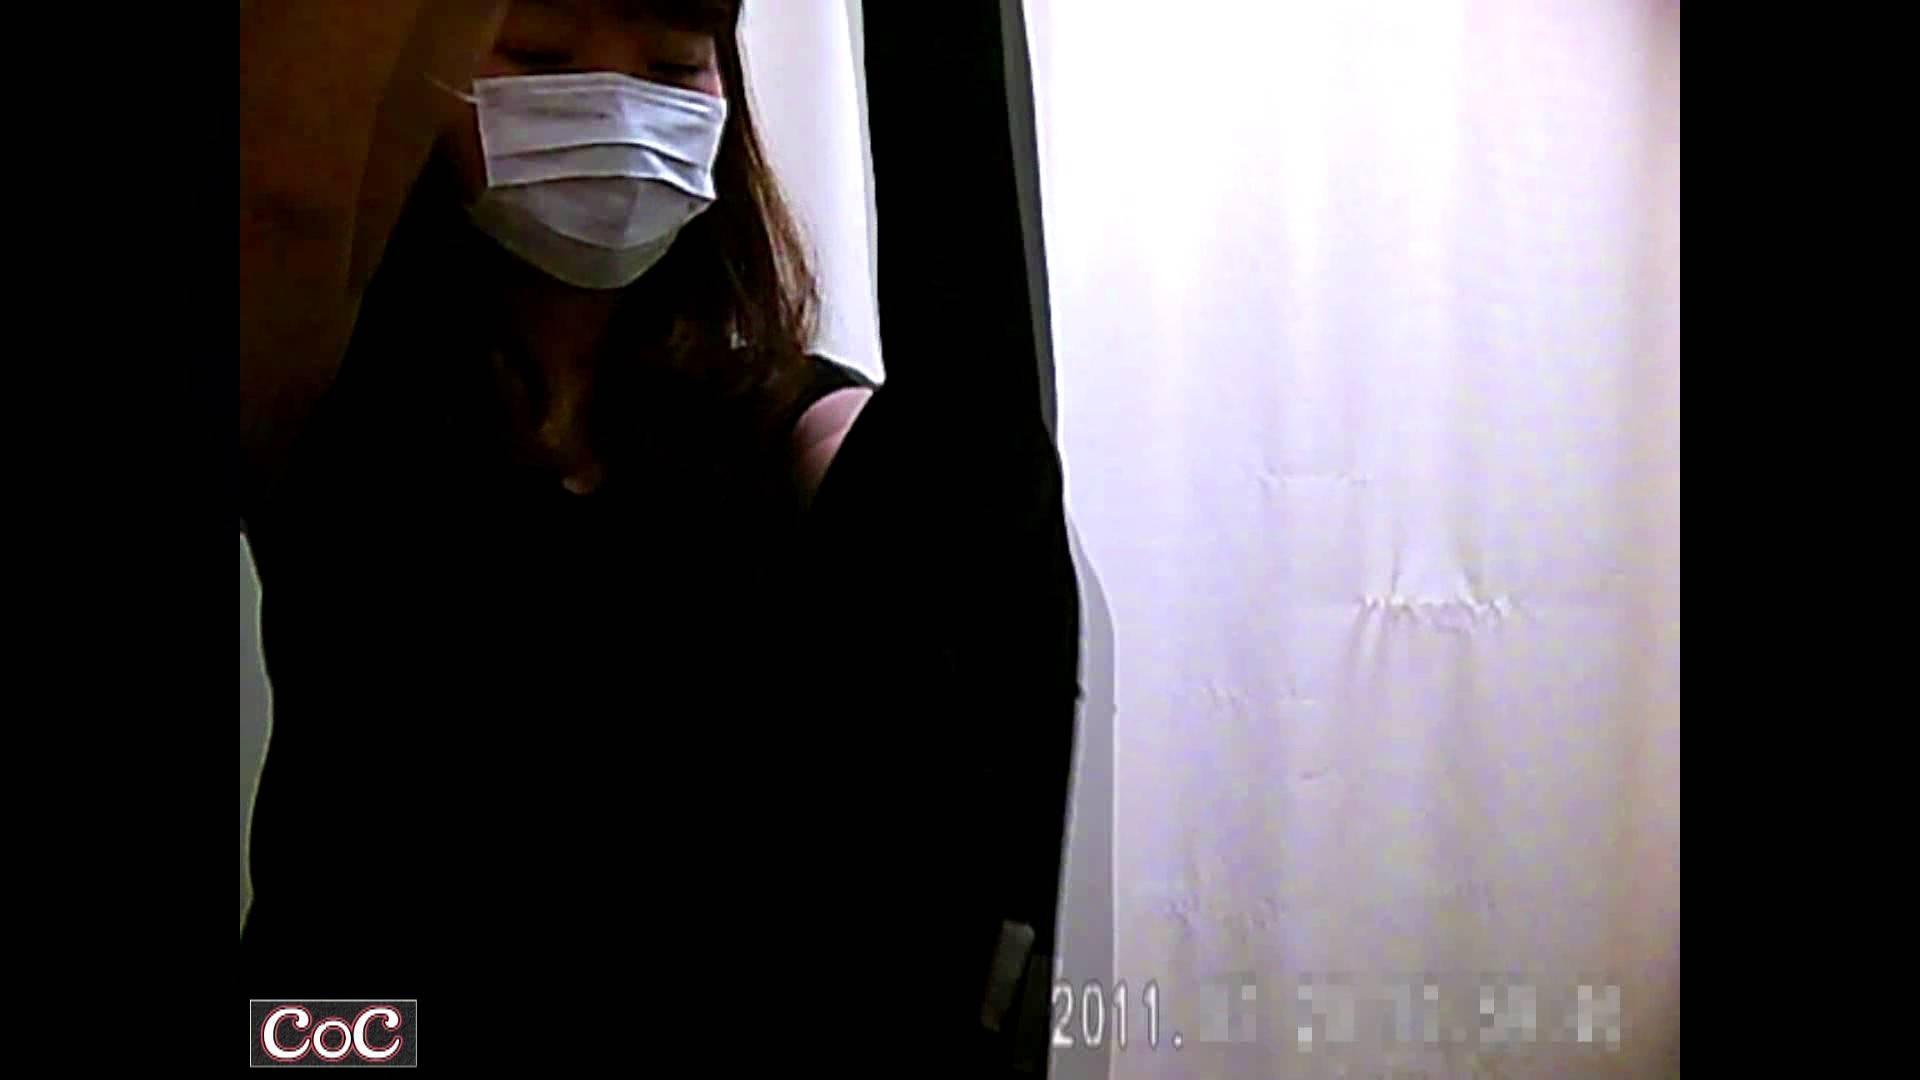 病院おもいっきり着替え! vol.04 着替え のぞきおめこ無修正画像 113PICs 53